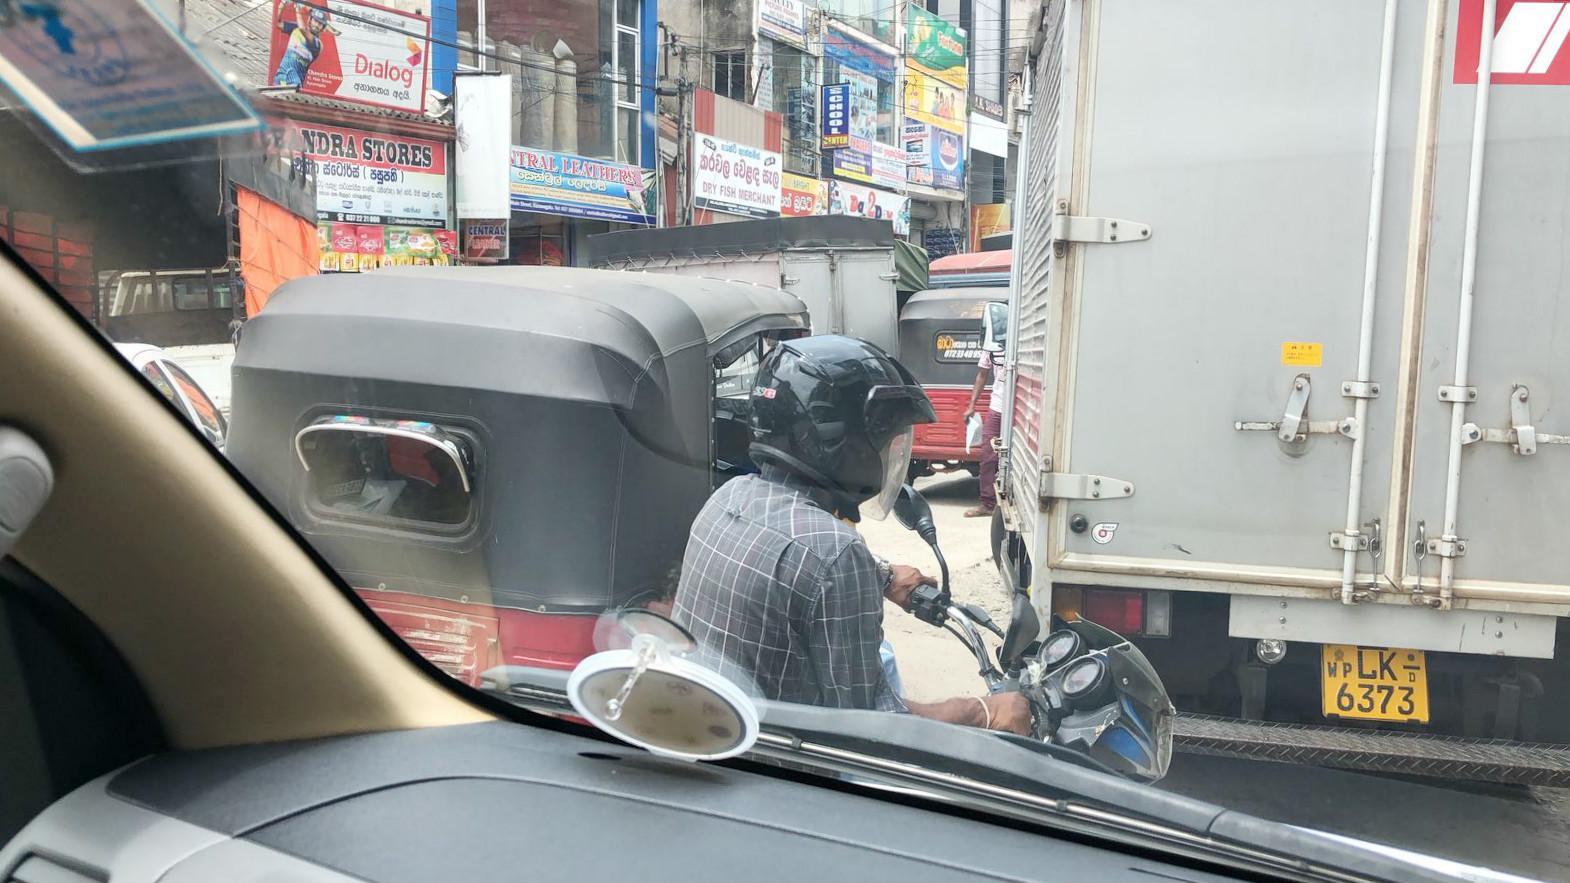 Straßentetris in Colombo. Ja, ein Mofa passt da noch dazwischen!